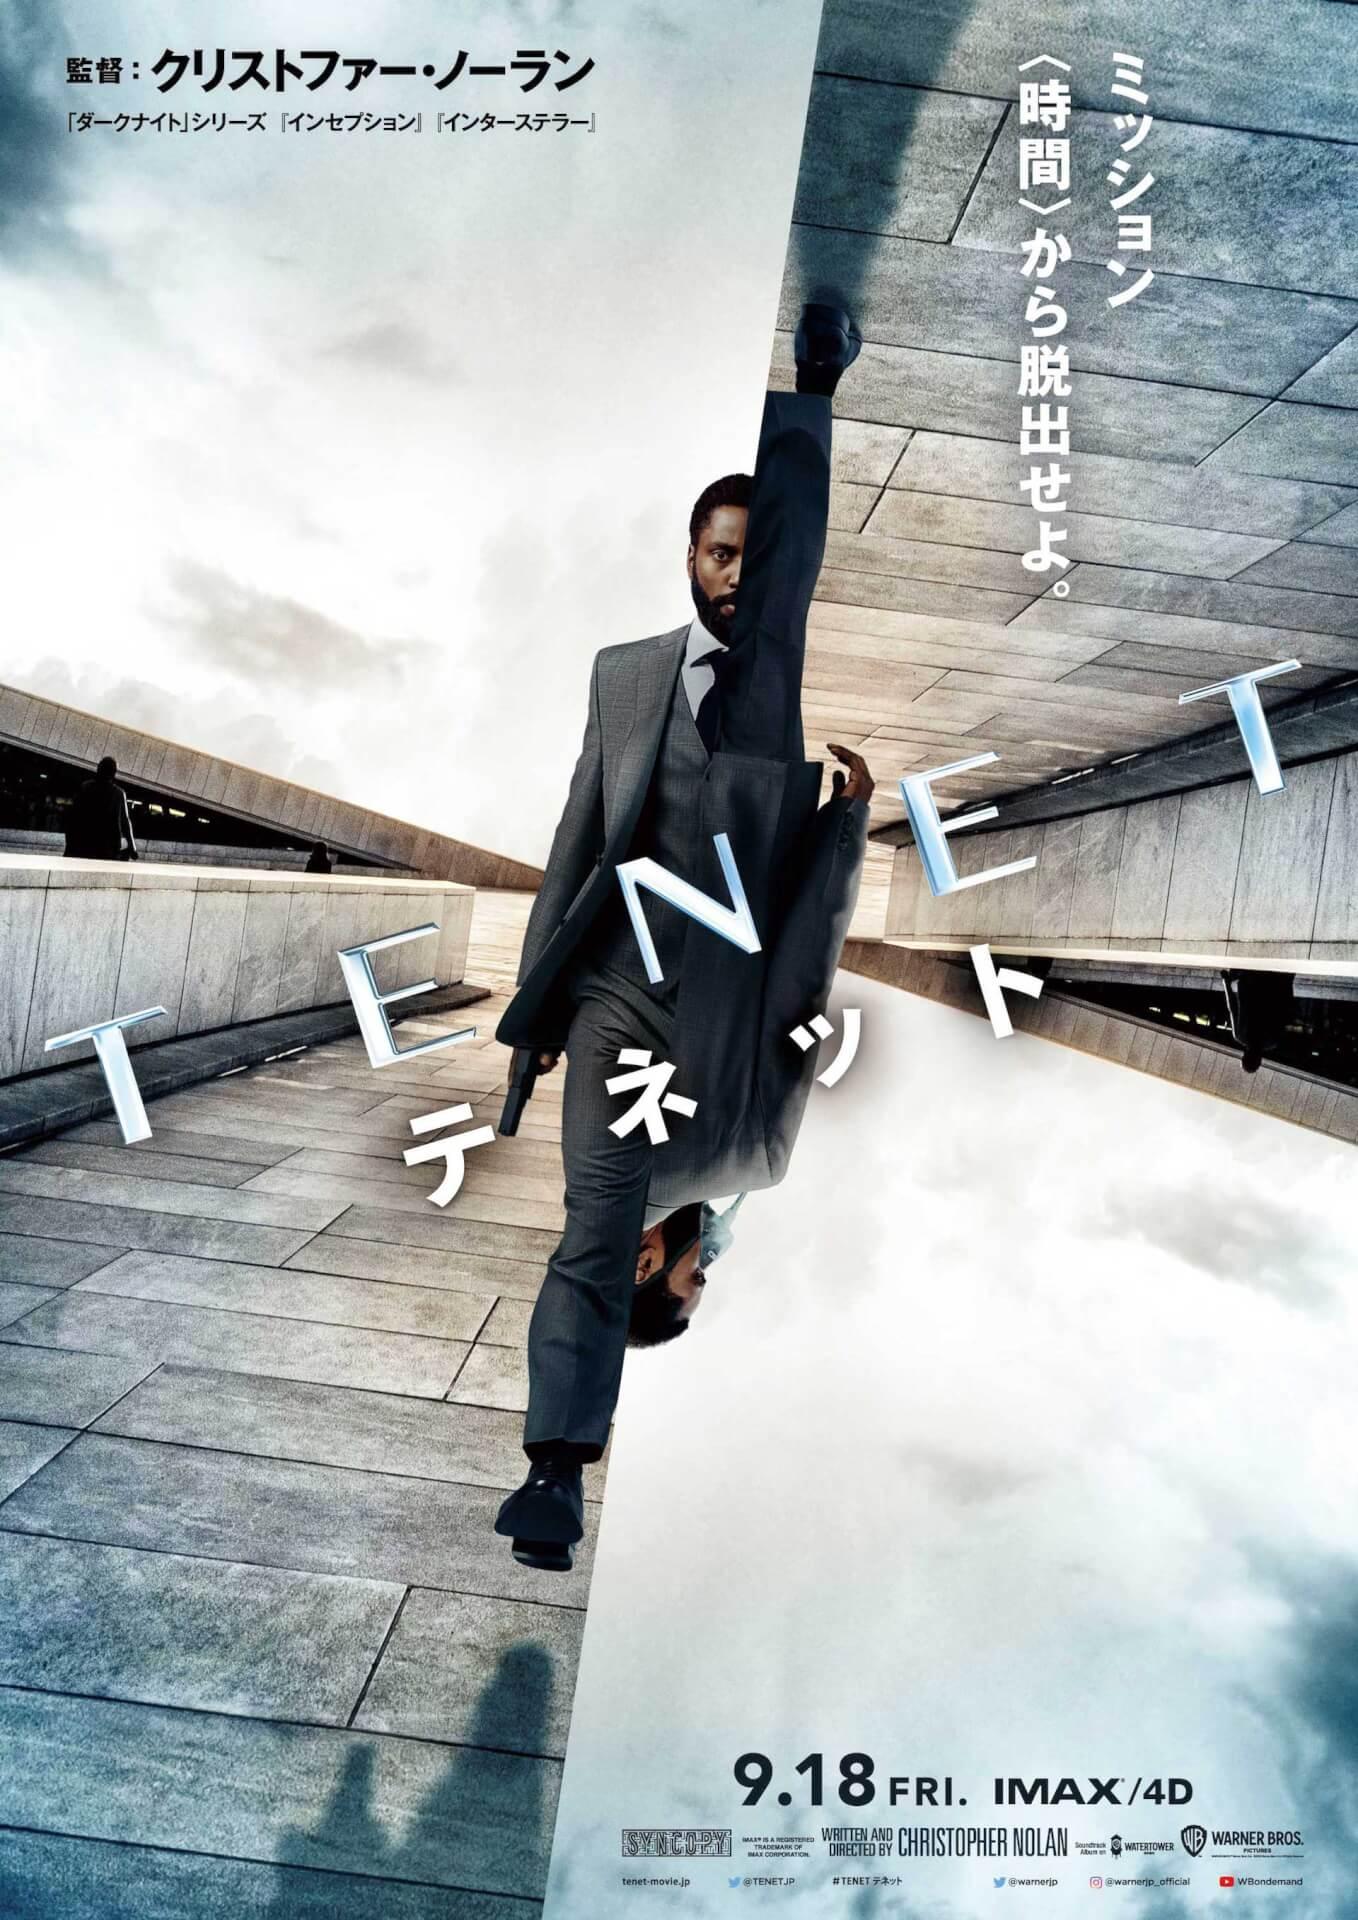 ありがとうノーラン!『TENET テネット』を心から楽しんだ映画ファンからの、大いなる賛辞と小さな不満 film201010_tenet_1